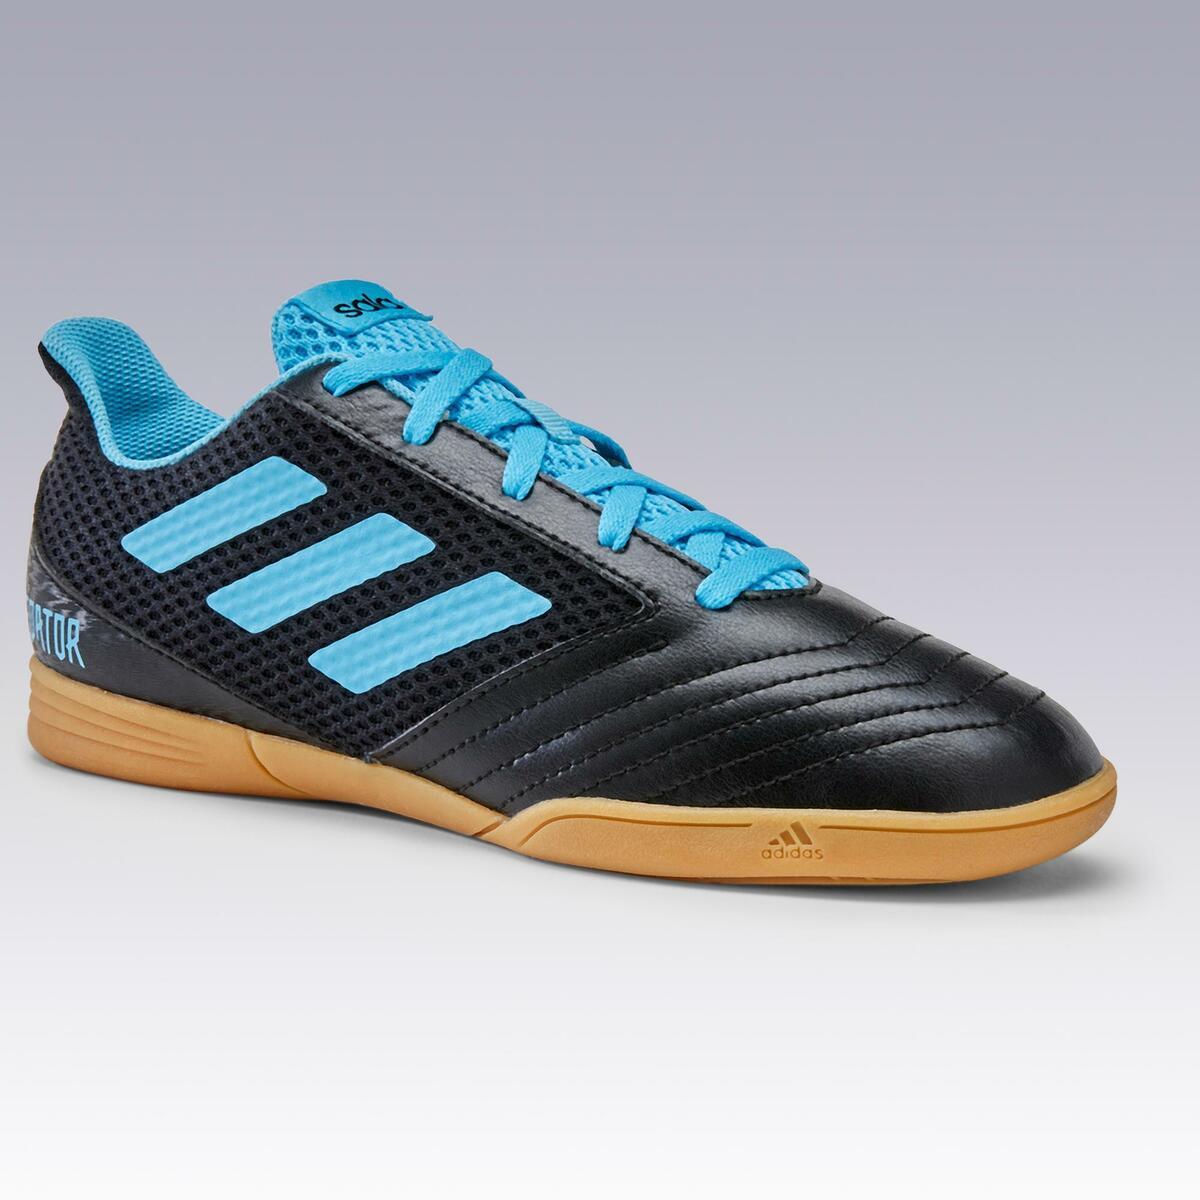 Bild 2 von Hallenschuhe Futsal Fußball Predator schwarz/blau